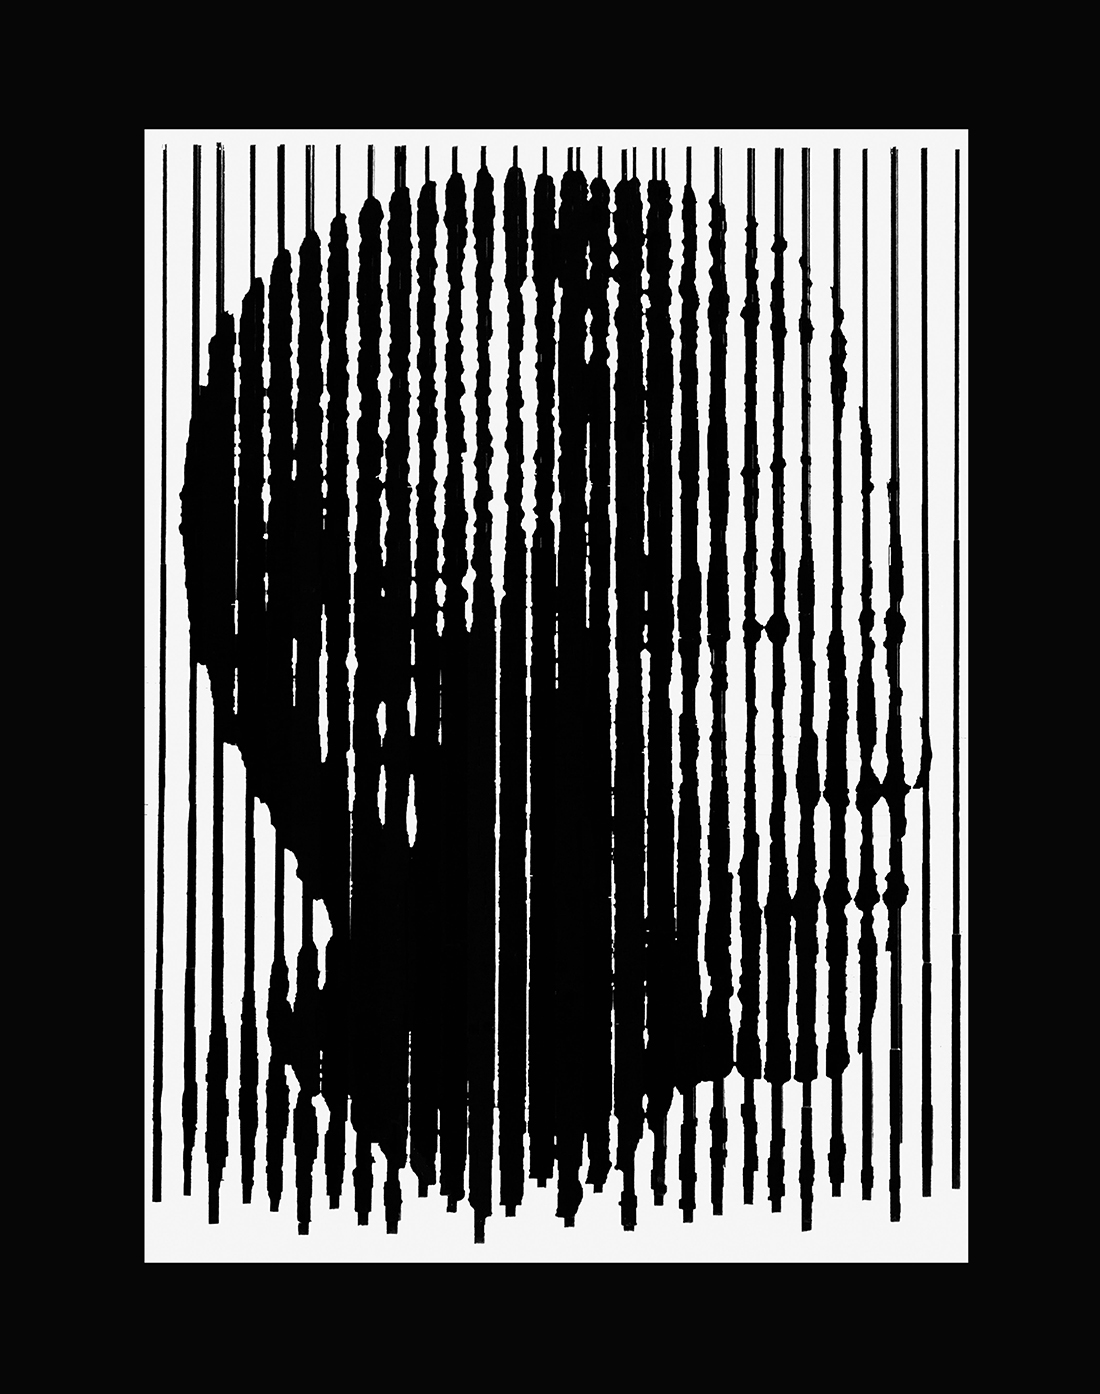 JohnWoodhouseArt_Abstract_Untitled-1.jpg